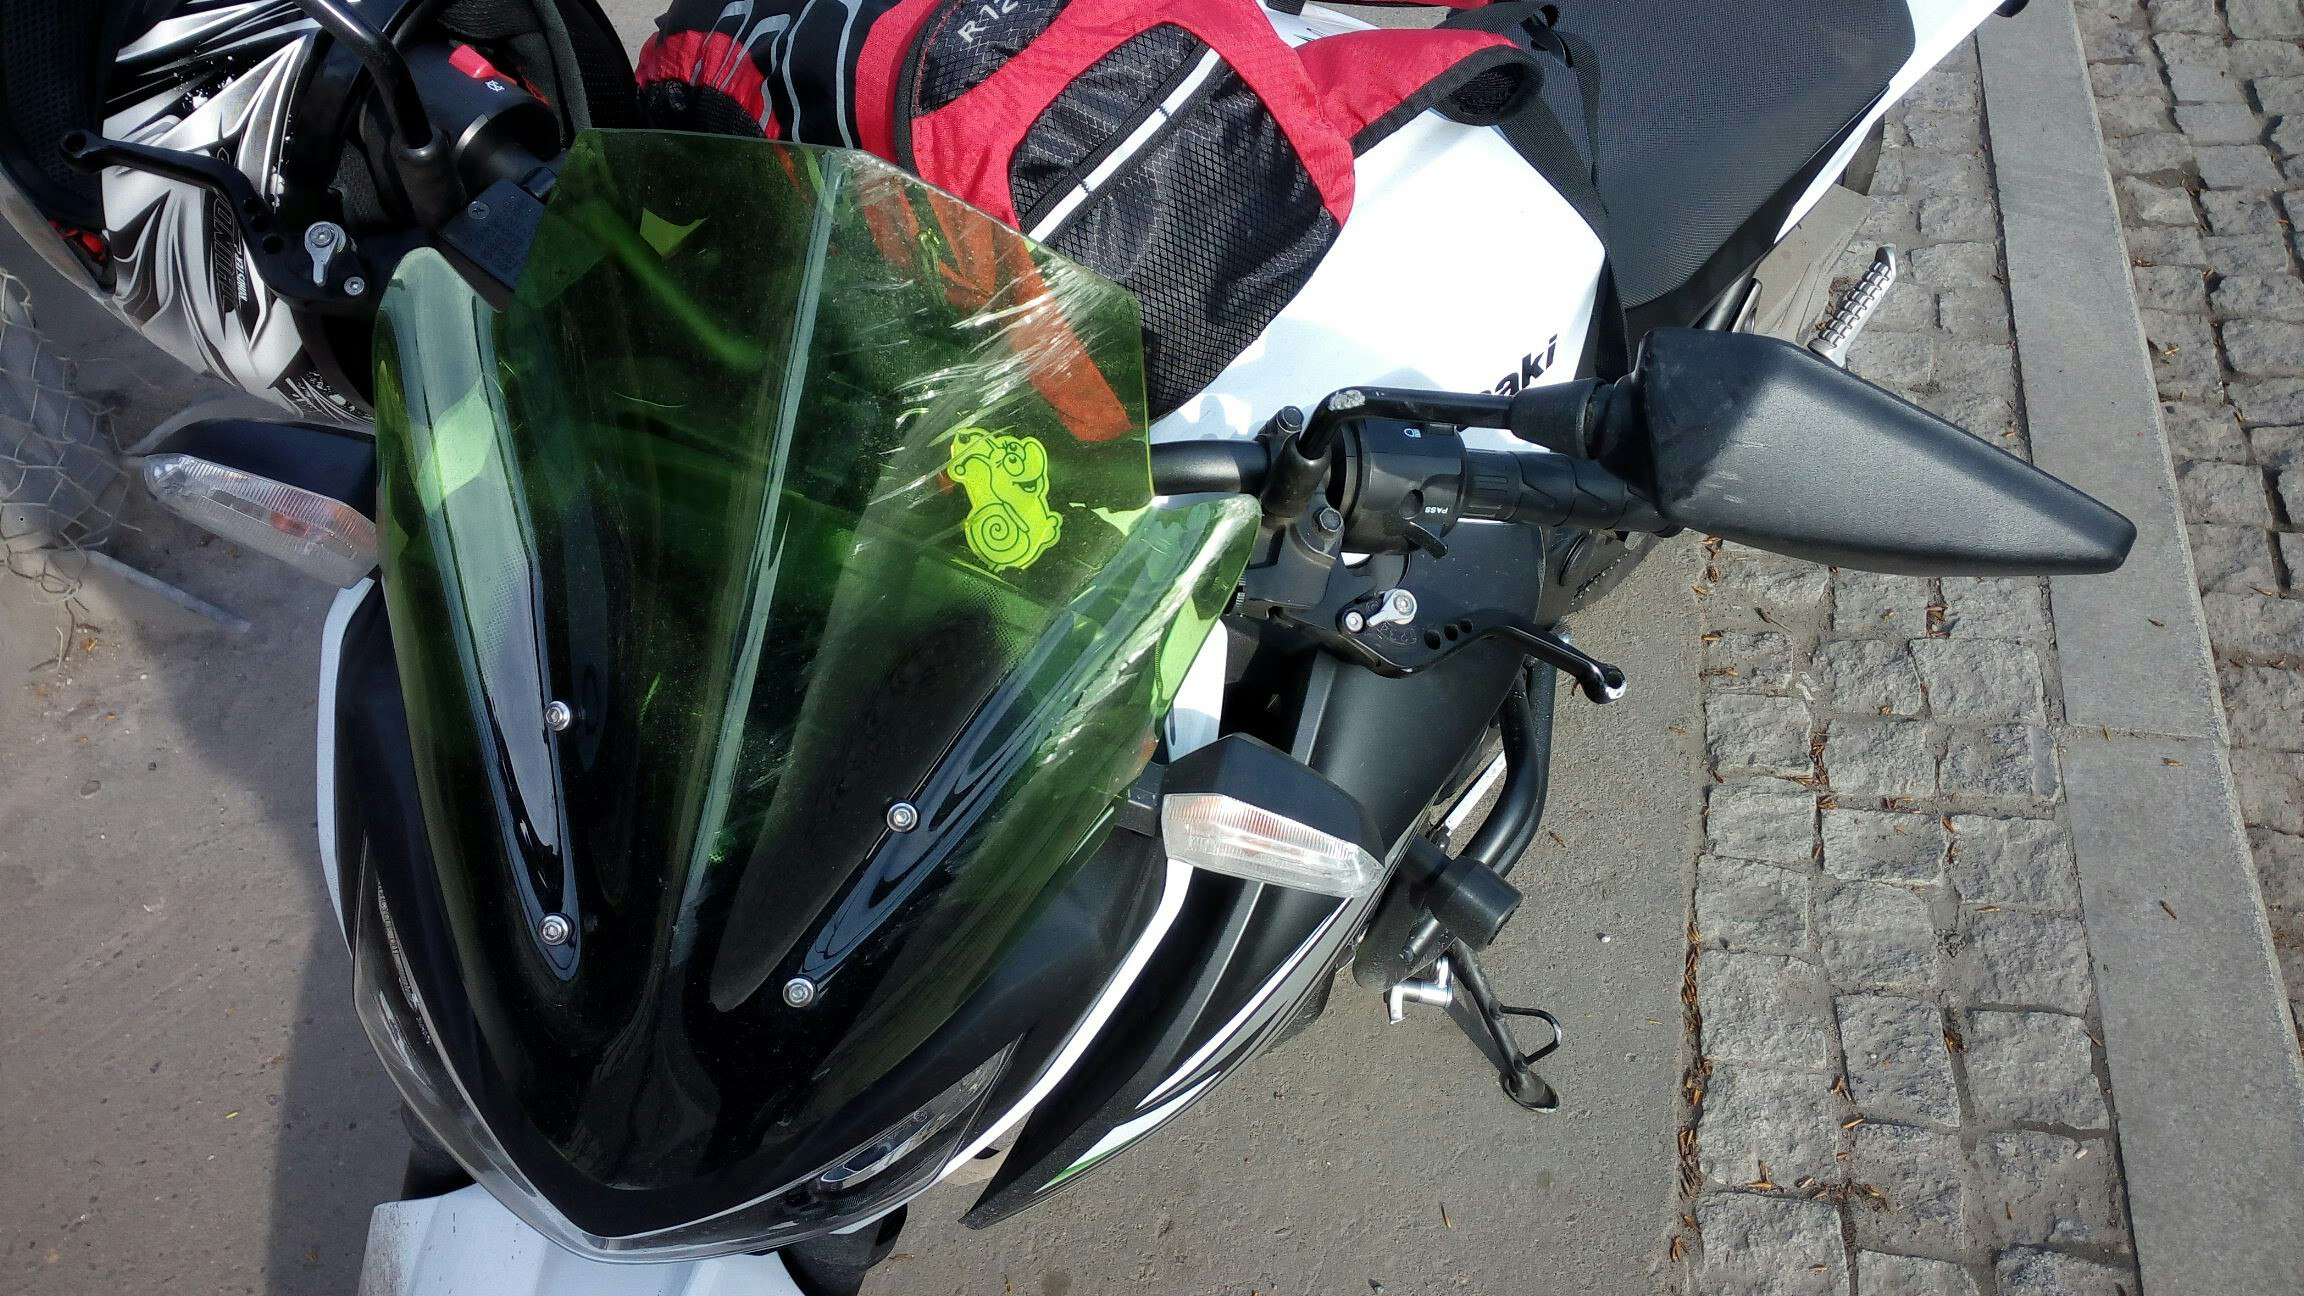 Блог им. capitainelesang: Безопасность: Мое первое падение